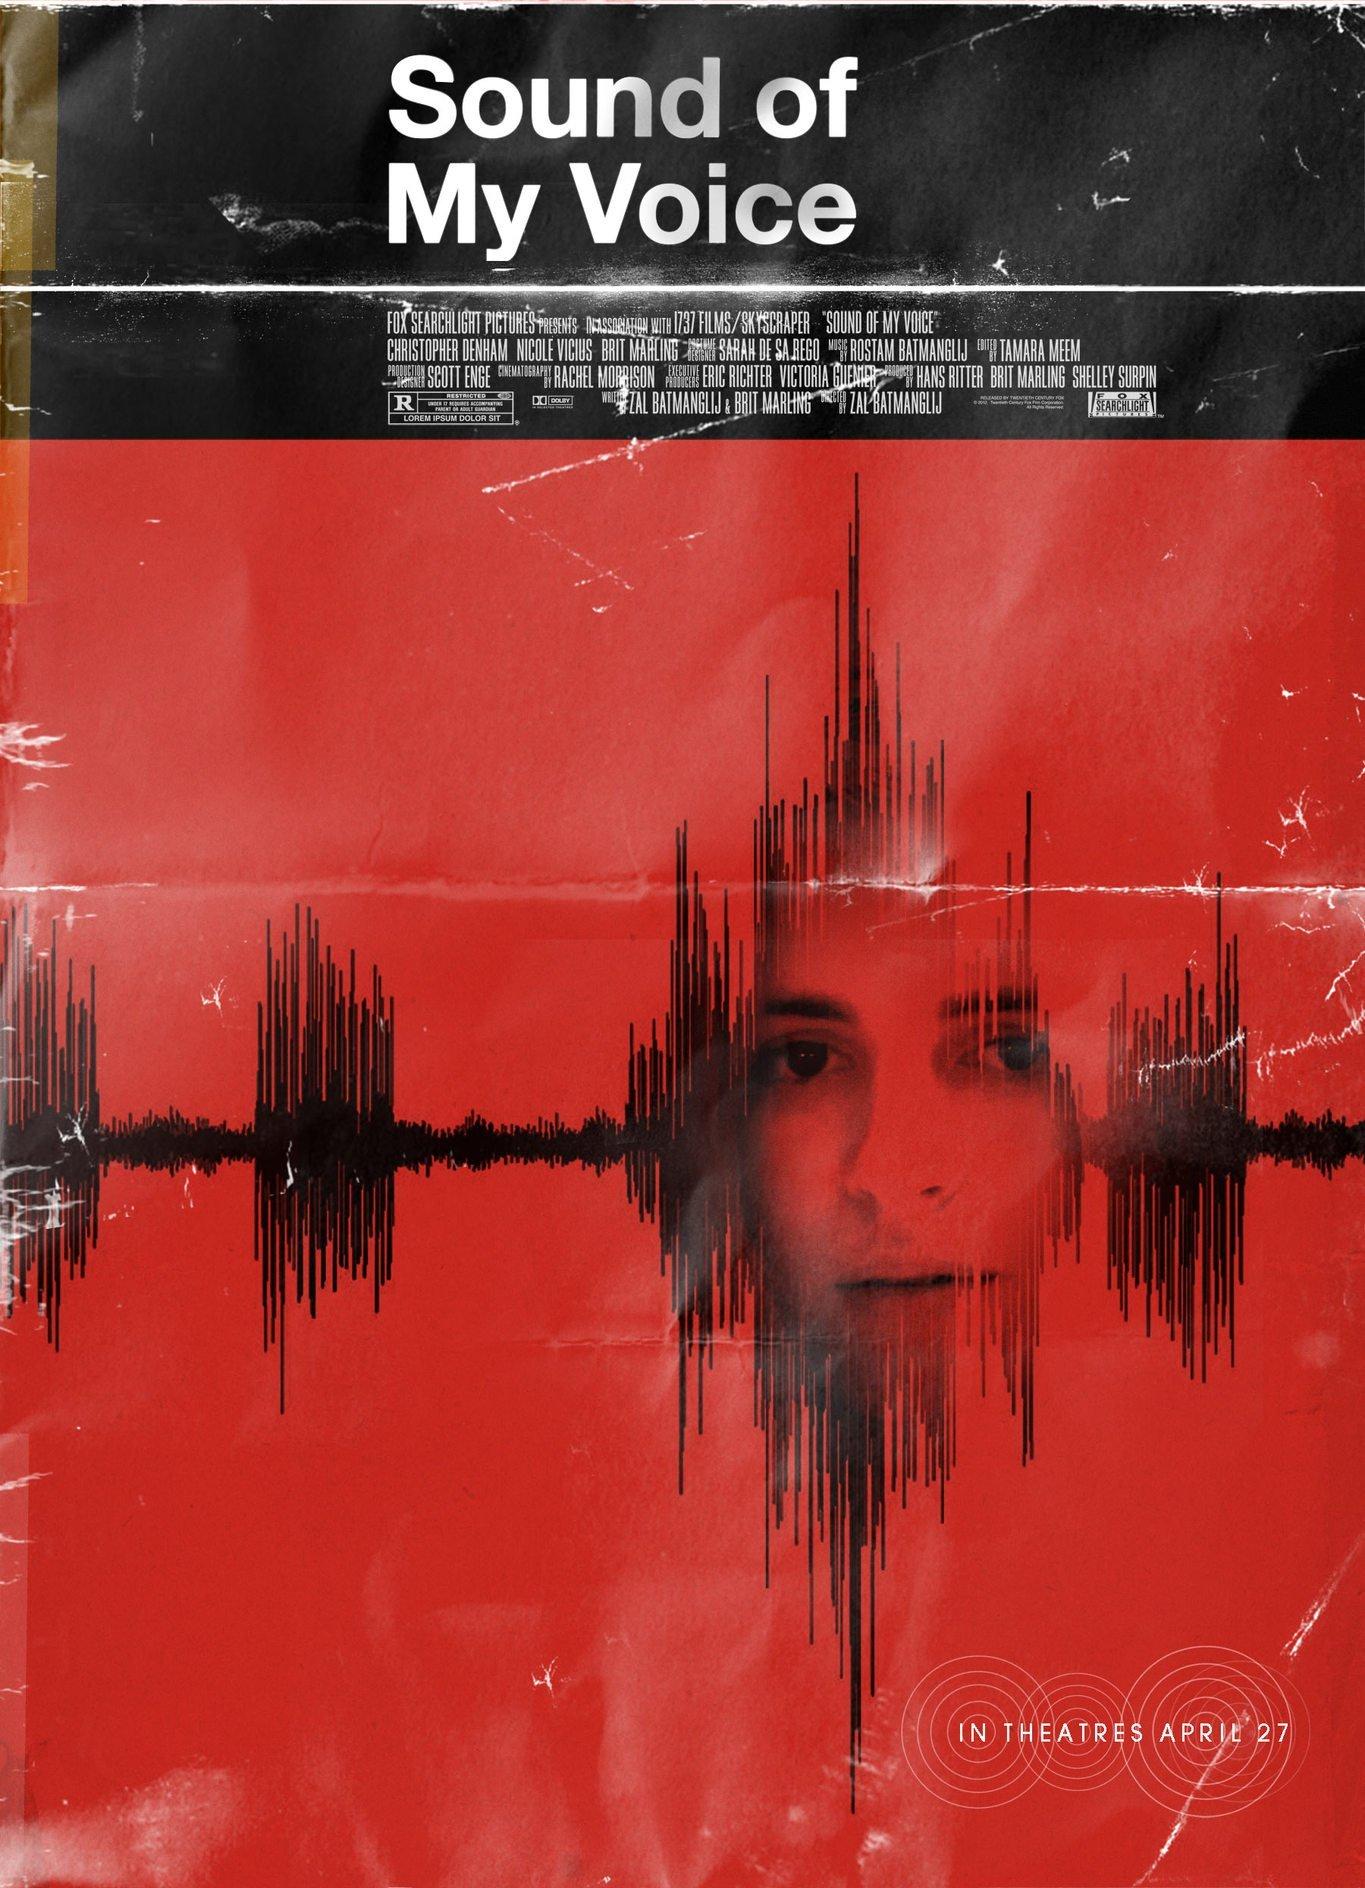 плакат фильма постер Звук моего голоса